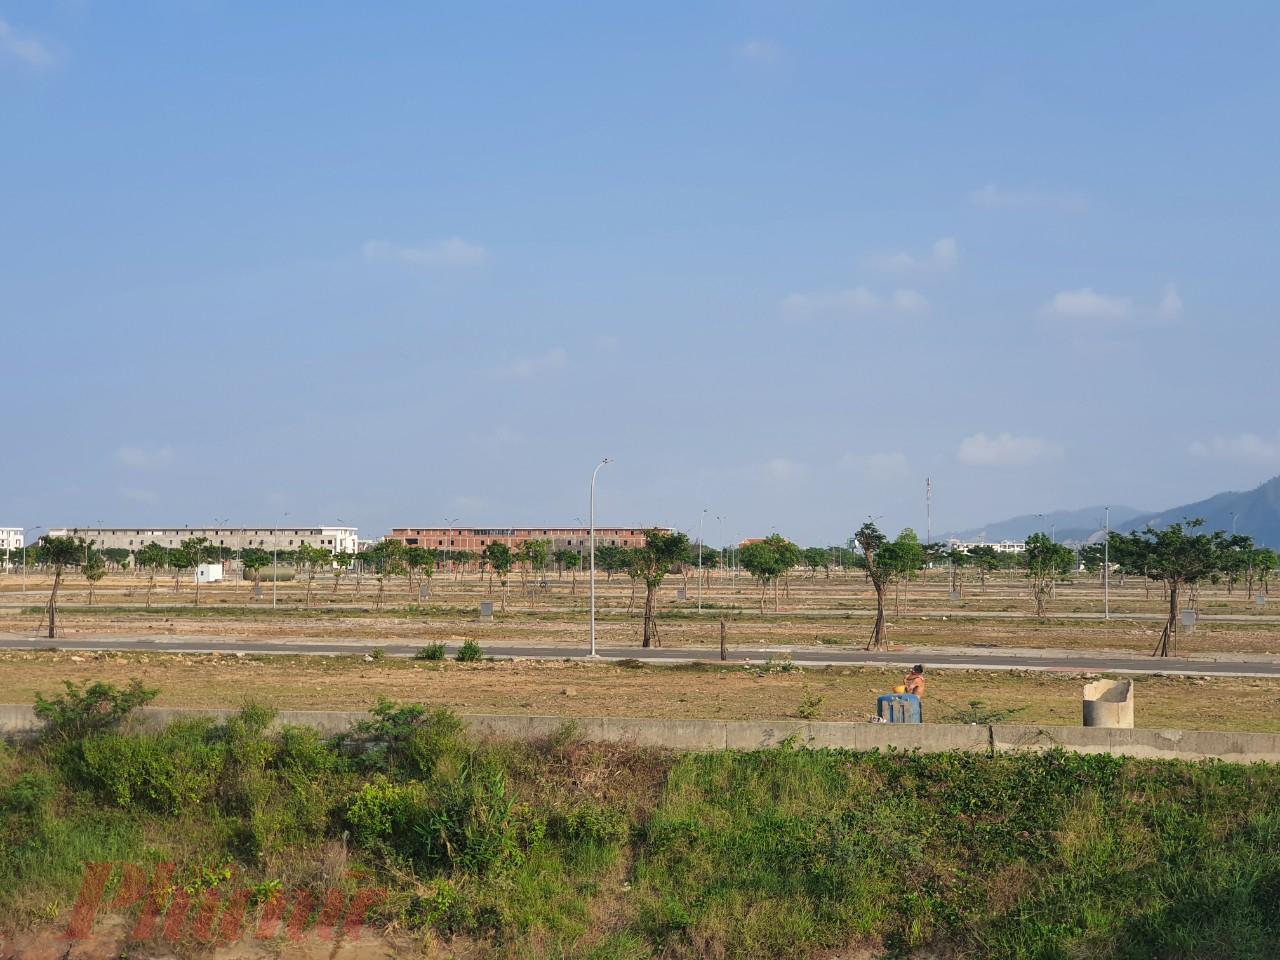 Ủy ban Kiểm tra Thành ủy Đà Nẵng quyết định thi hành kỷ luật bằng hình thức cảnh cáo đối với 2 cán bộ liên quan sai phạm đất đai